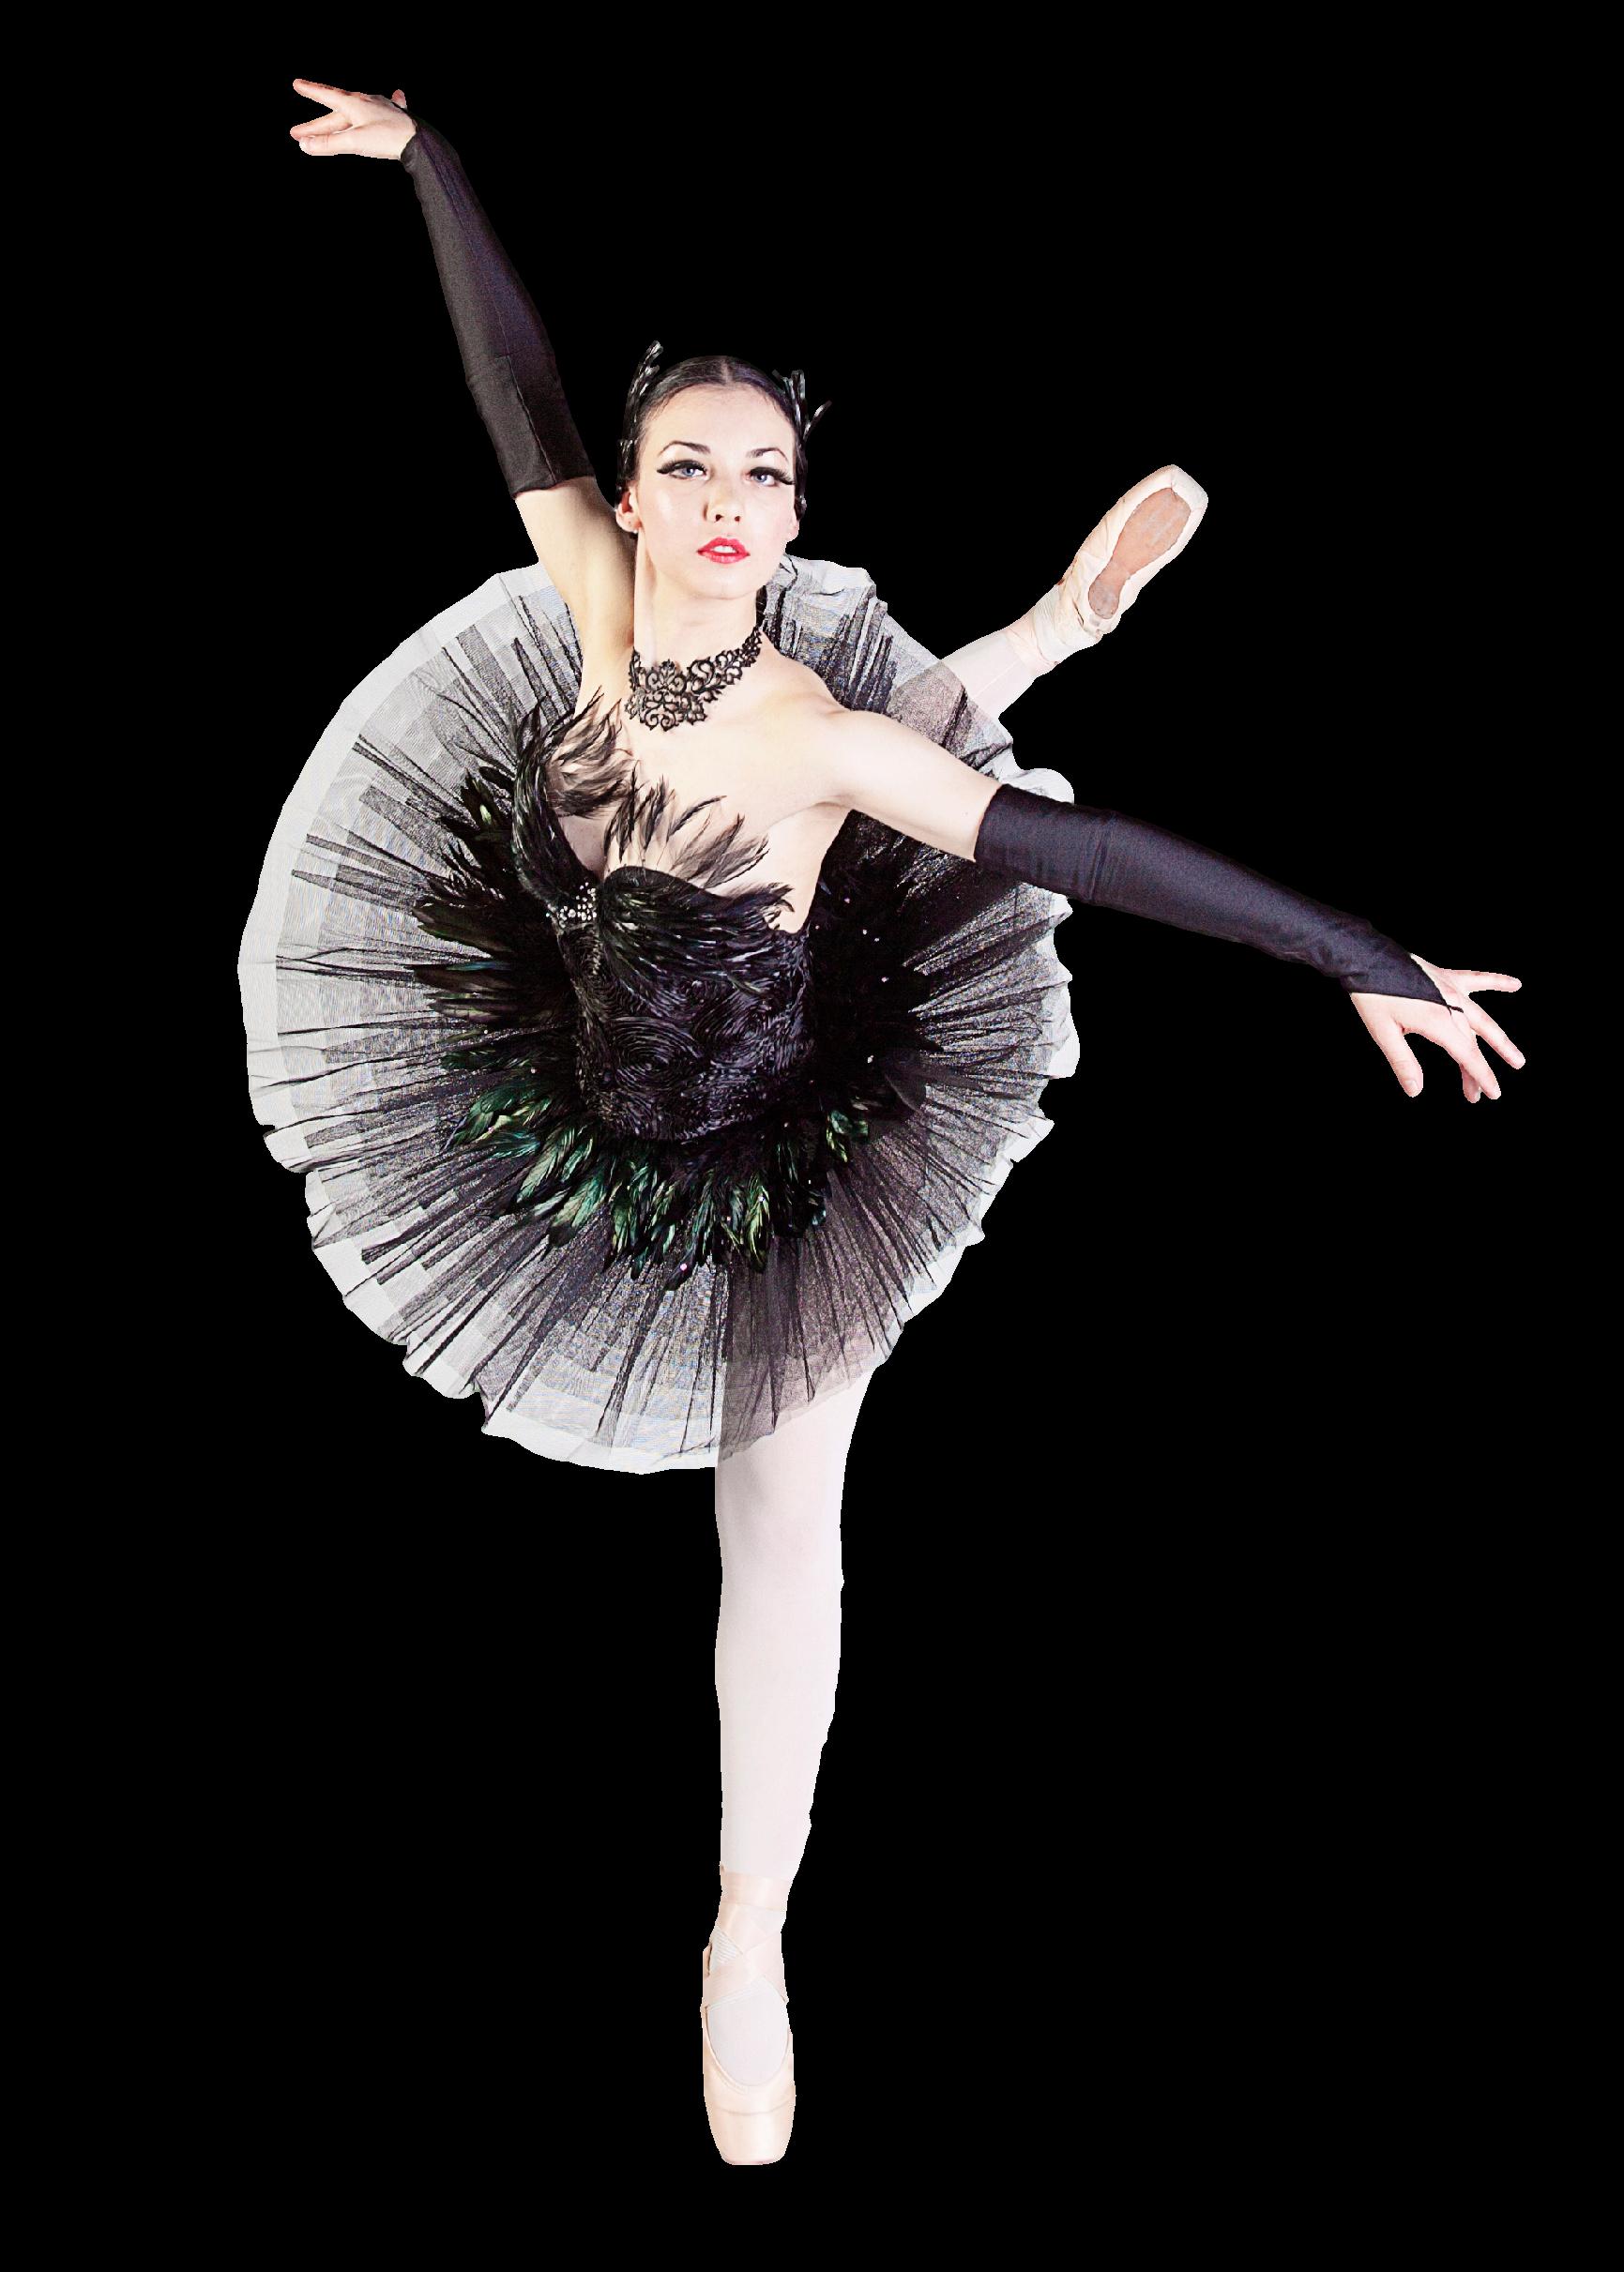 Wedding, Dancers, Ballet, Ballerina